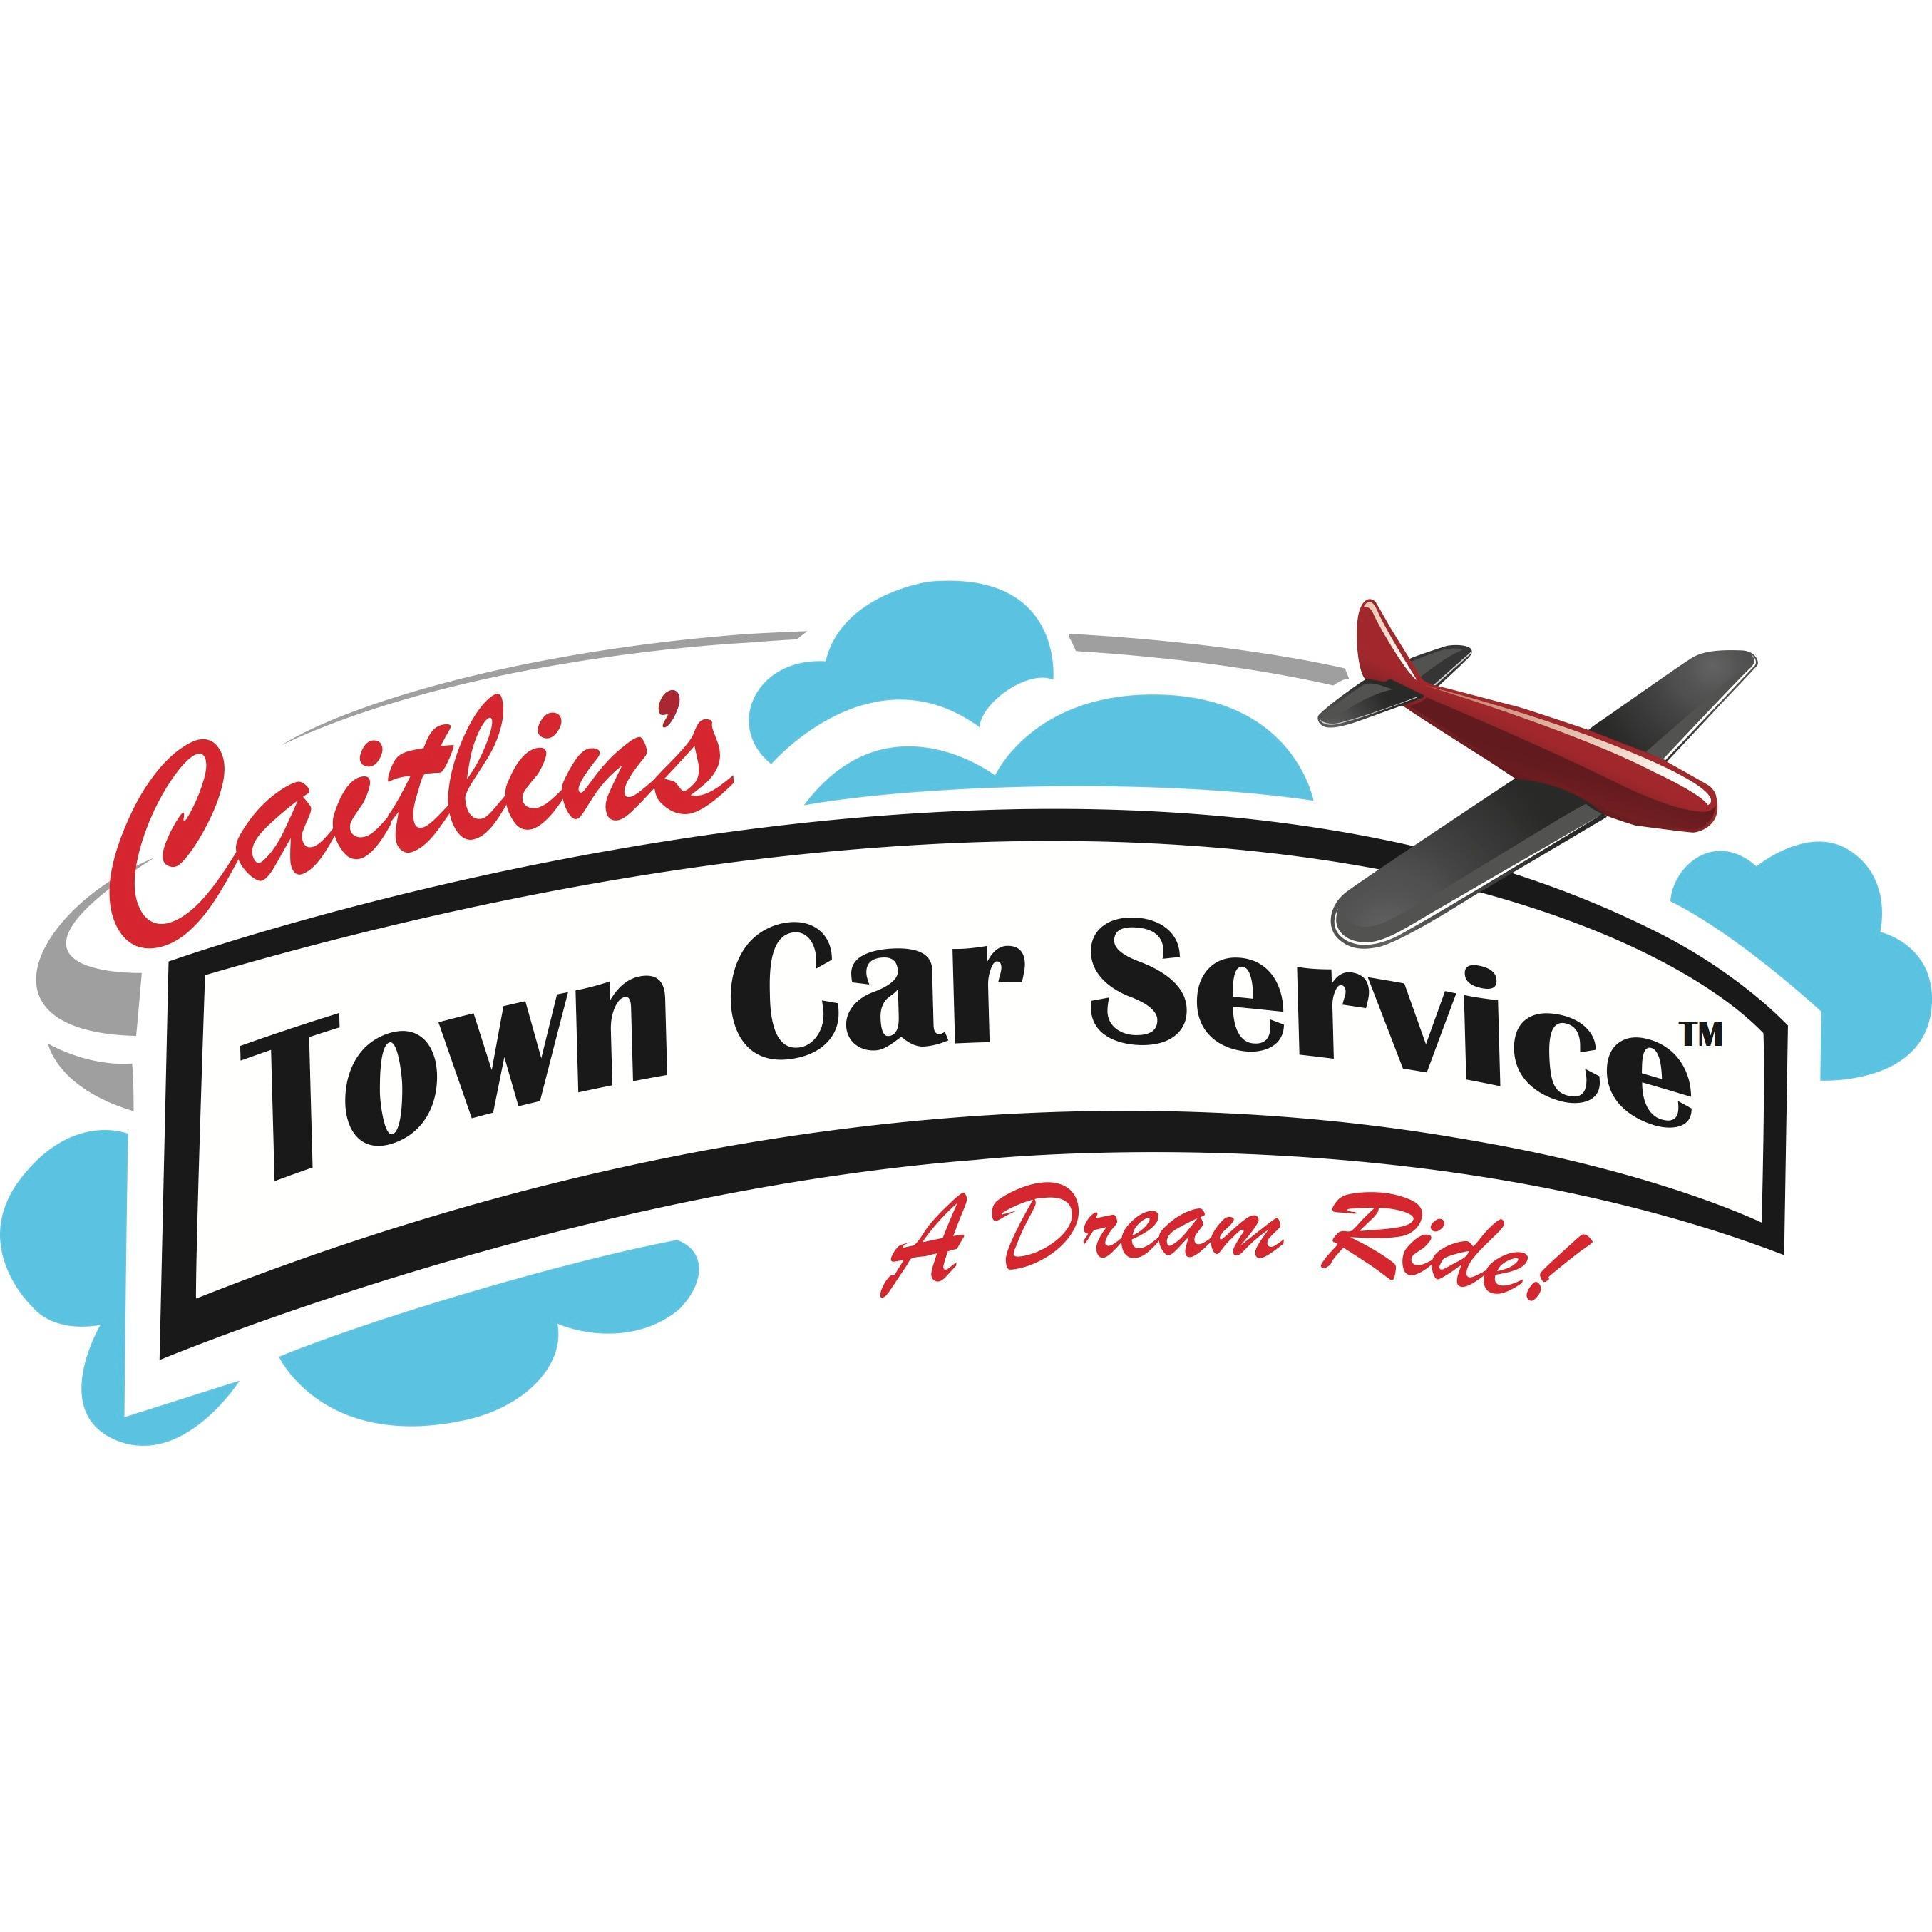 Enterprise Car Rental Nebraska Ave Tampa Fl